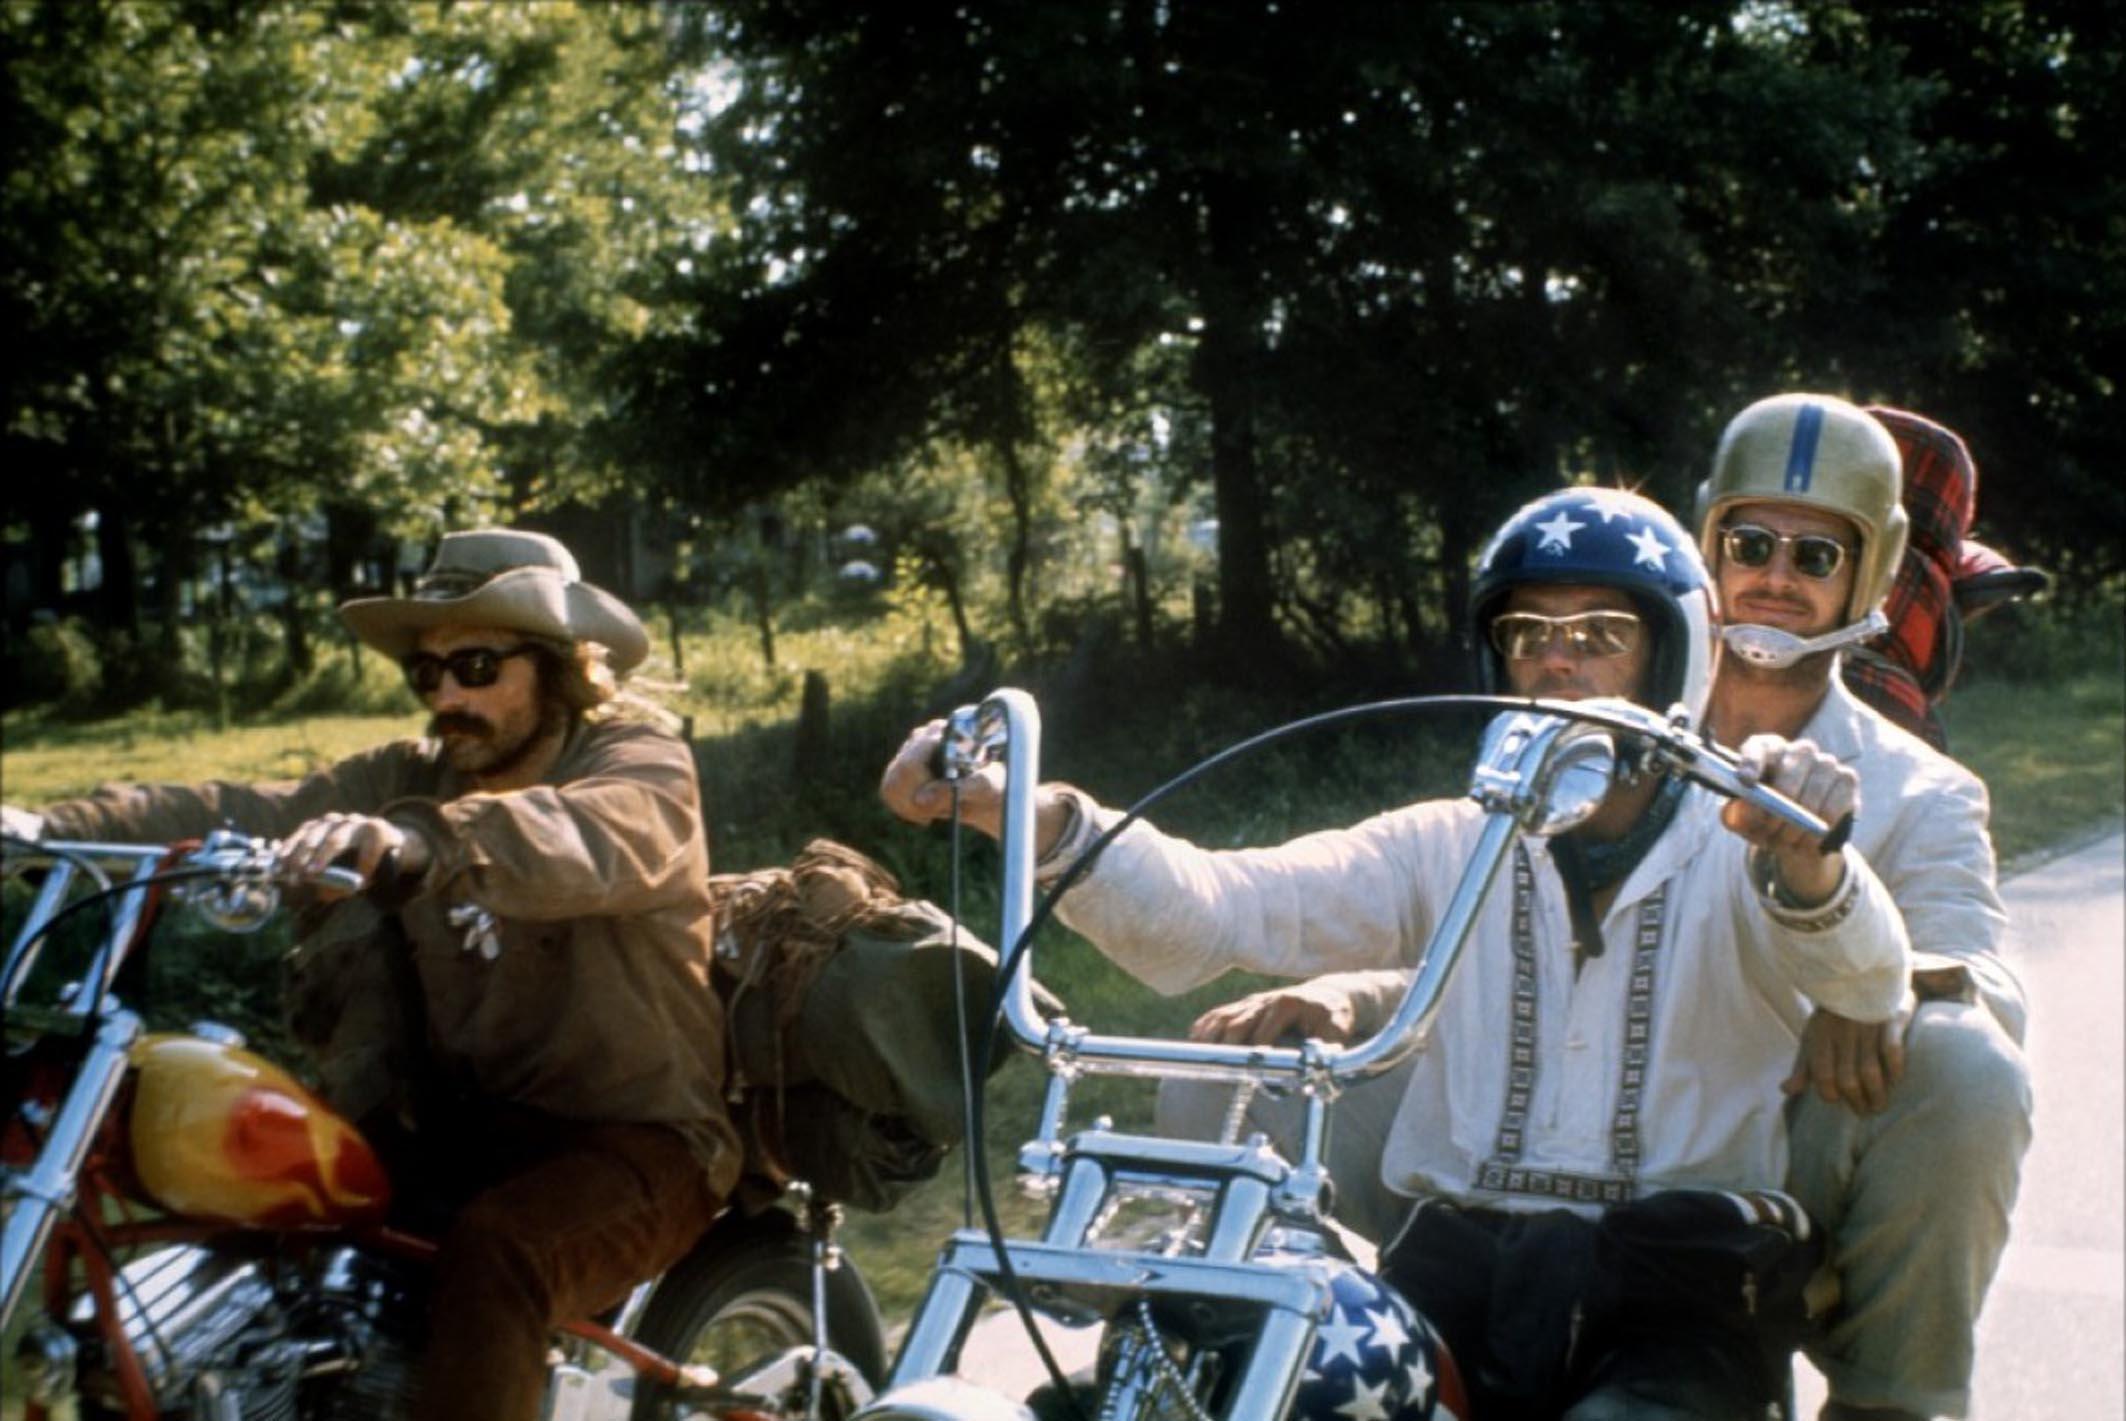 Addio a Peter Fonda, attore cult diventato un simbolo negli anni 60 per  Easy Rider